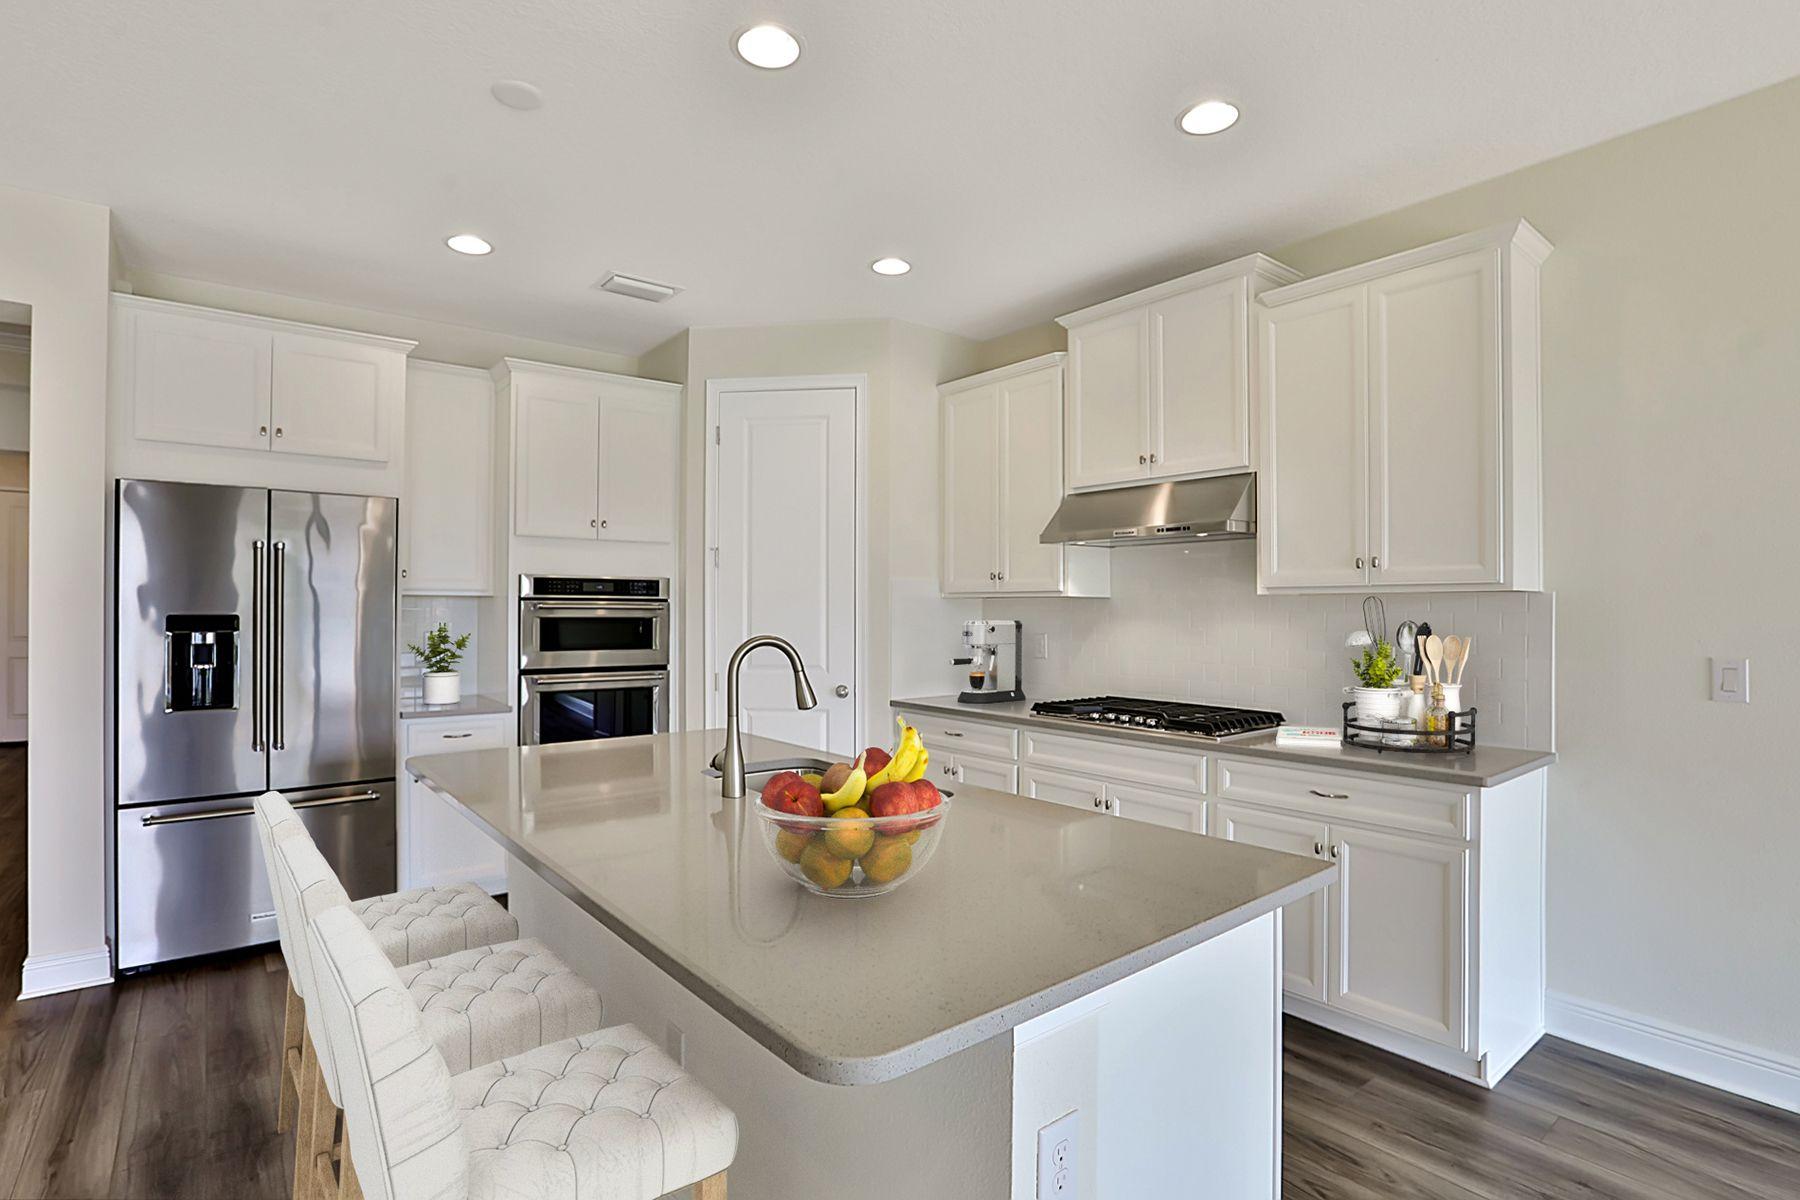 Kitchen featured in the Aurora By Mattamy Homes in Sarasota-Bradenton, FL